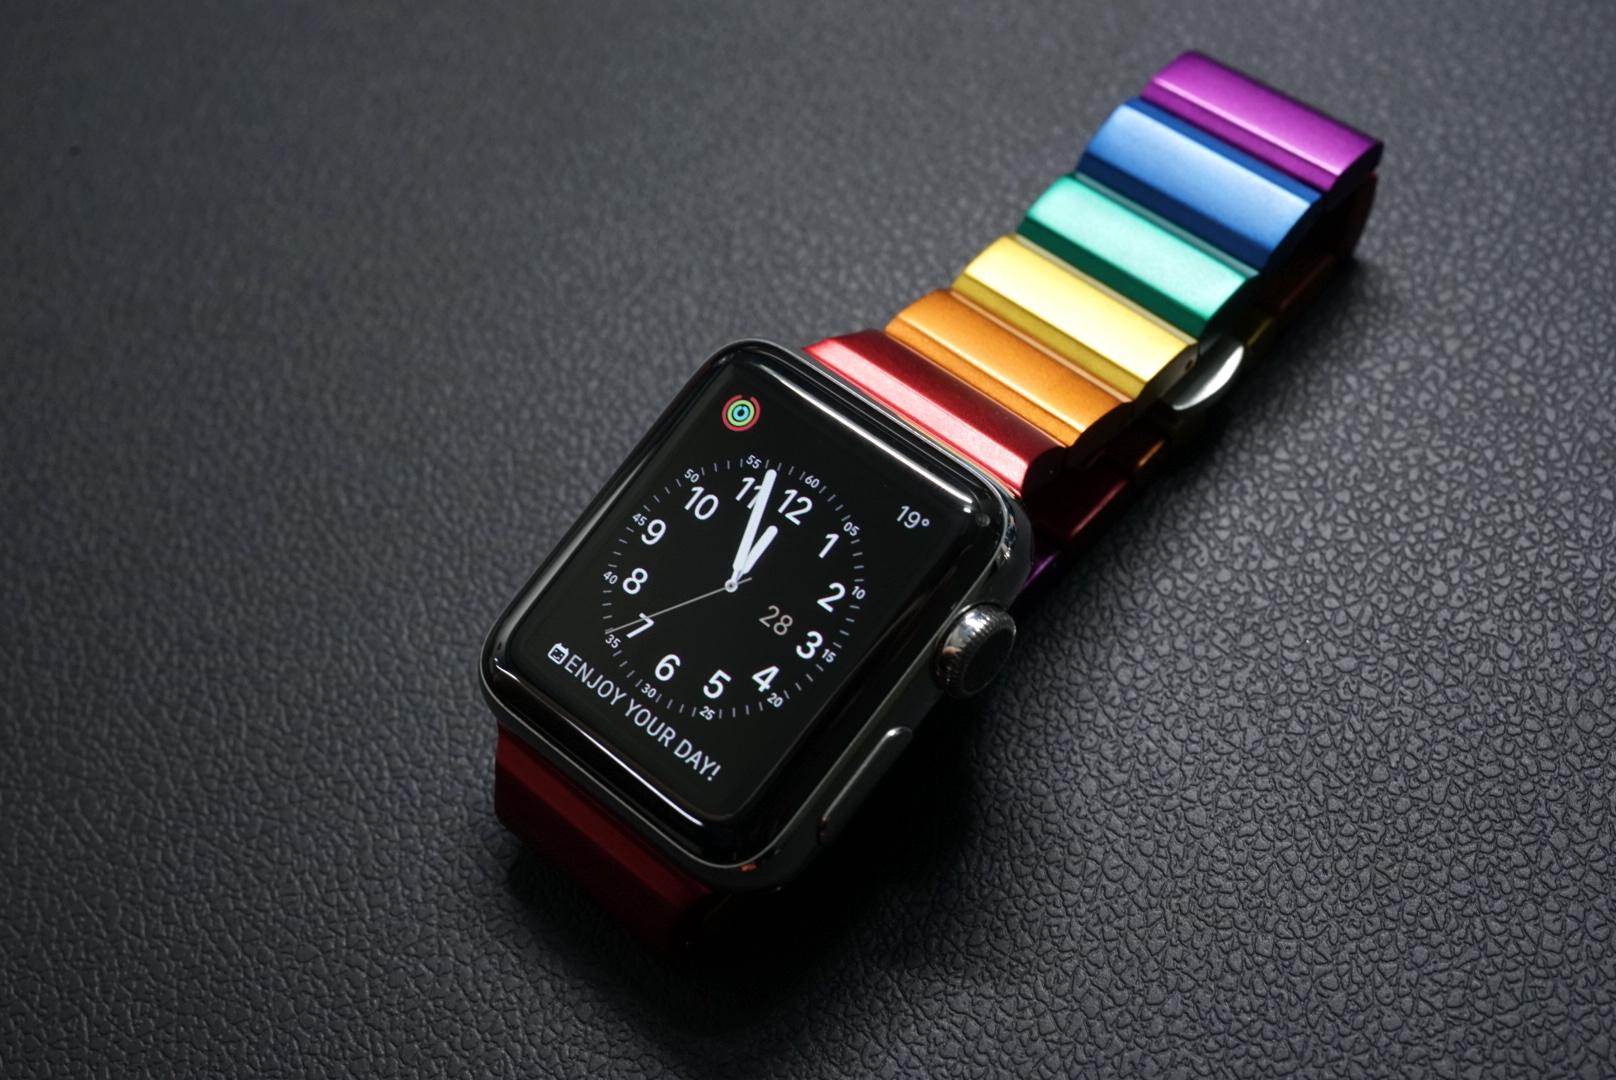 Хочу еще вот что сказать, за пару дней настолько привыкаешь к большому экрану, что прежние apple watch воспринимаются очень маленькими — хотя там увеличение на миллиметры.